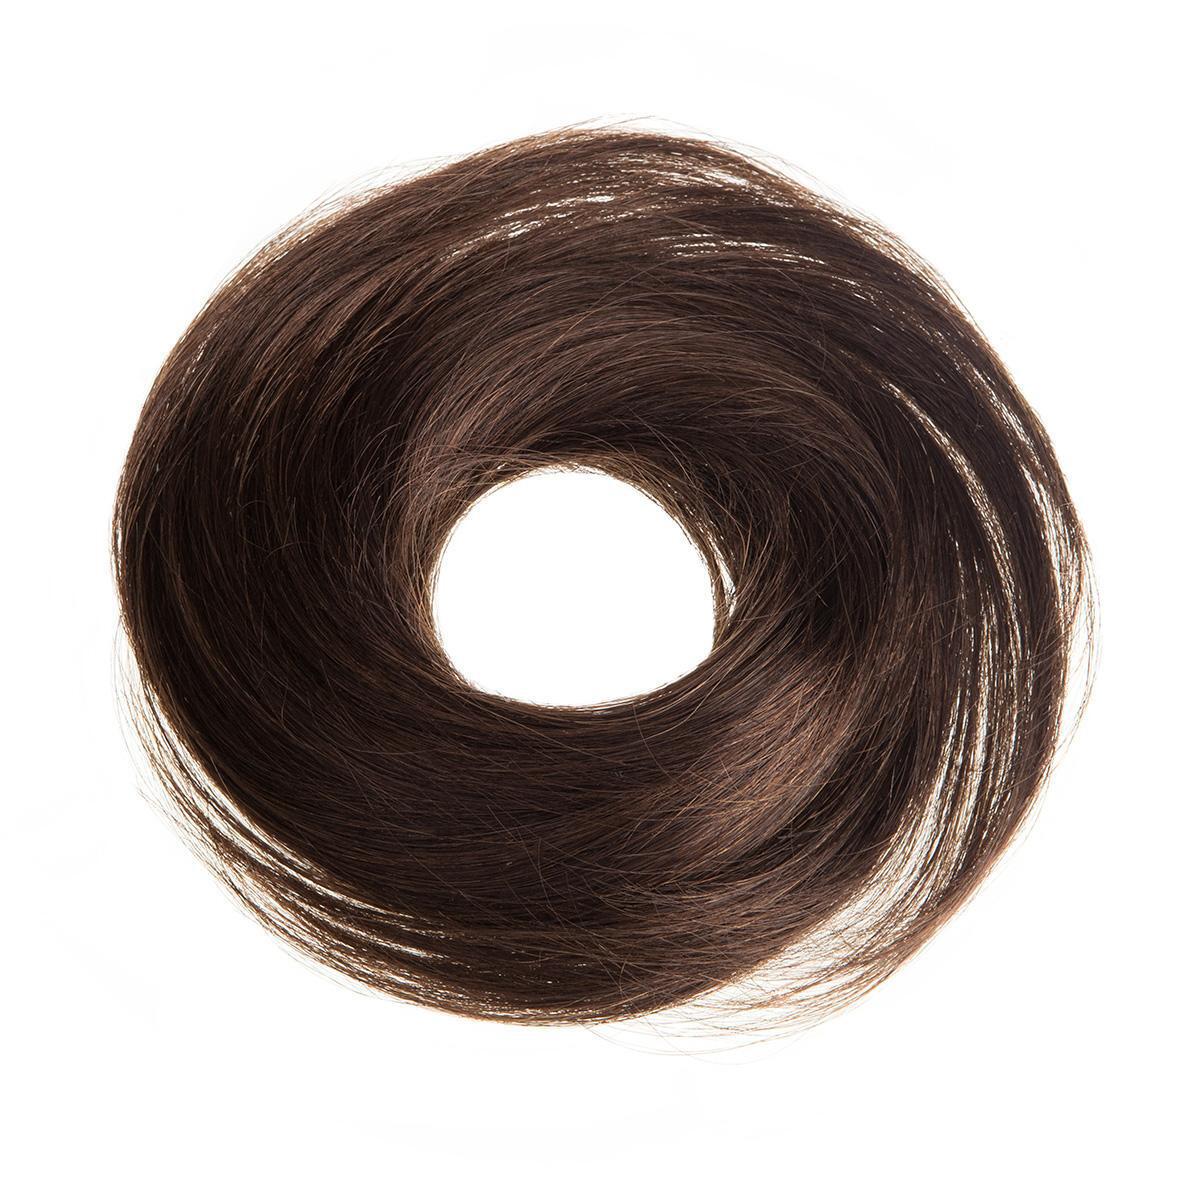 Hair Scrunchie 2.3 Chocolate Brown 0 cm